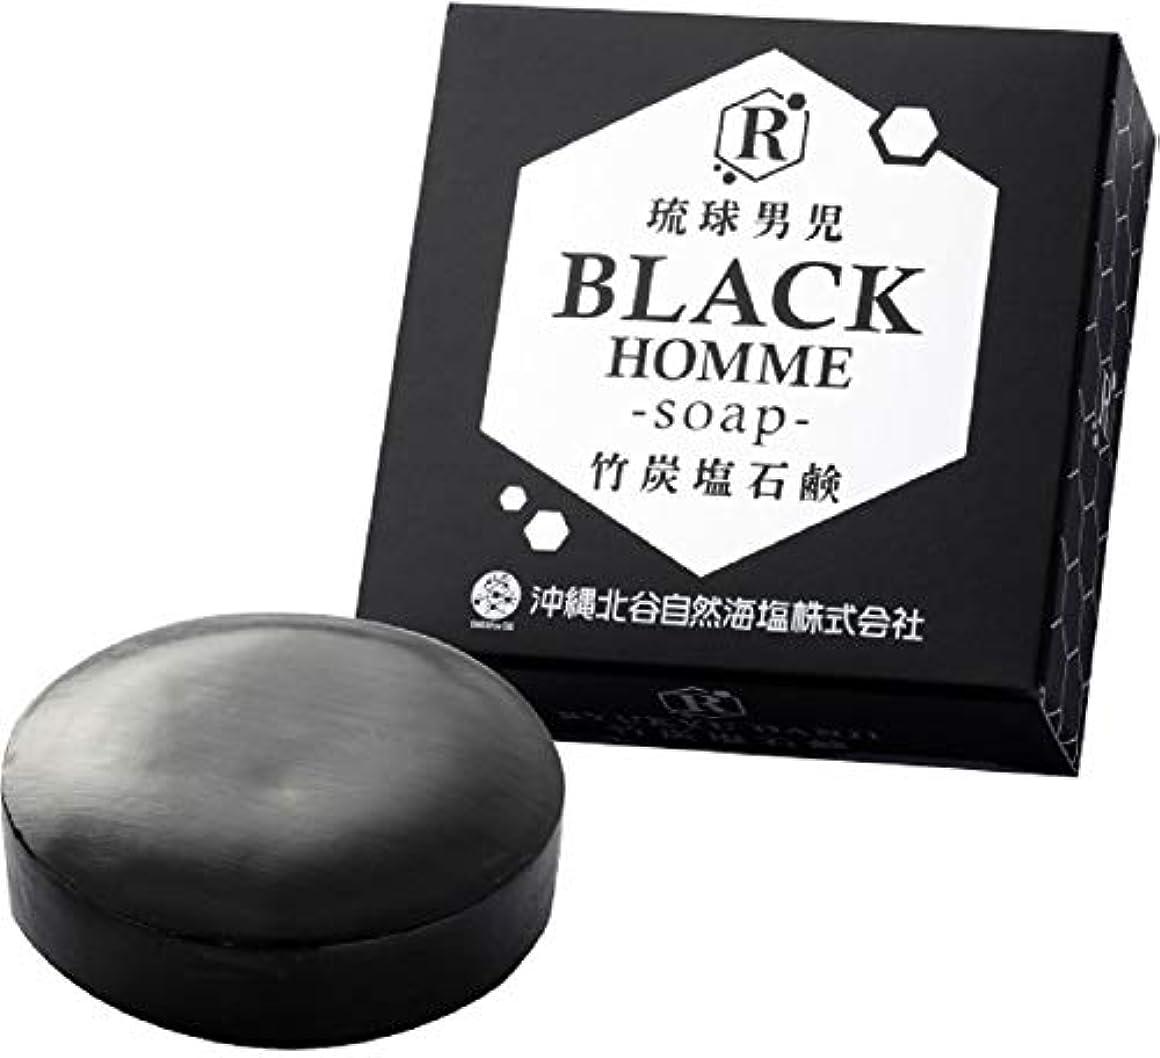 聡明インフレーションフルーツ【3個セット】琉球男児 竹炭塩石鹸 BLACK HOMME-soap- 60g 泡立てネット付き